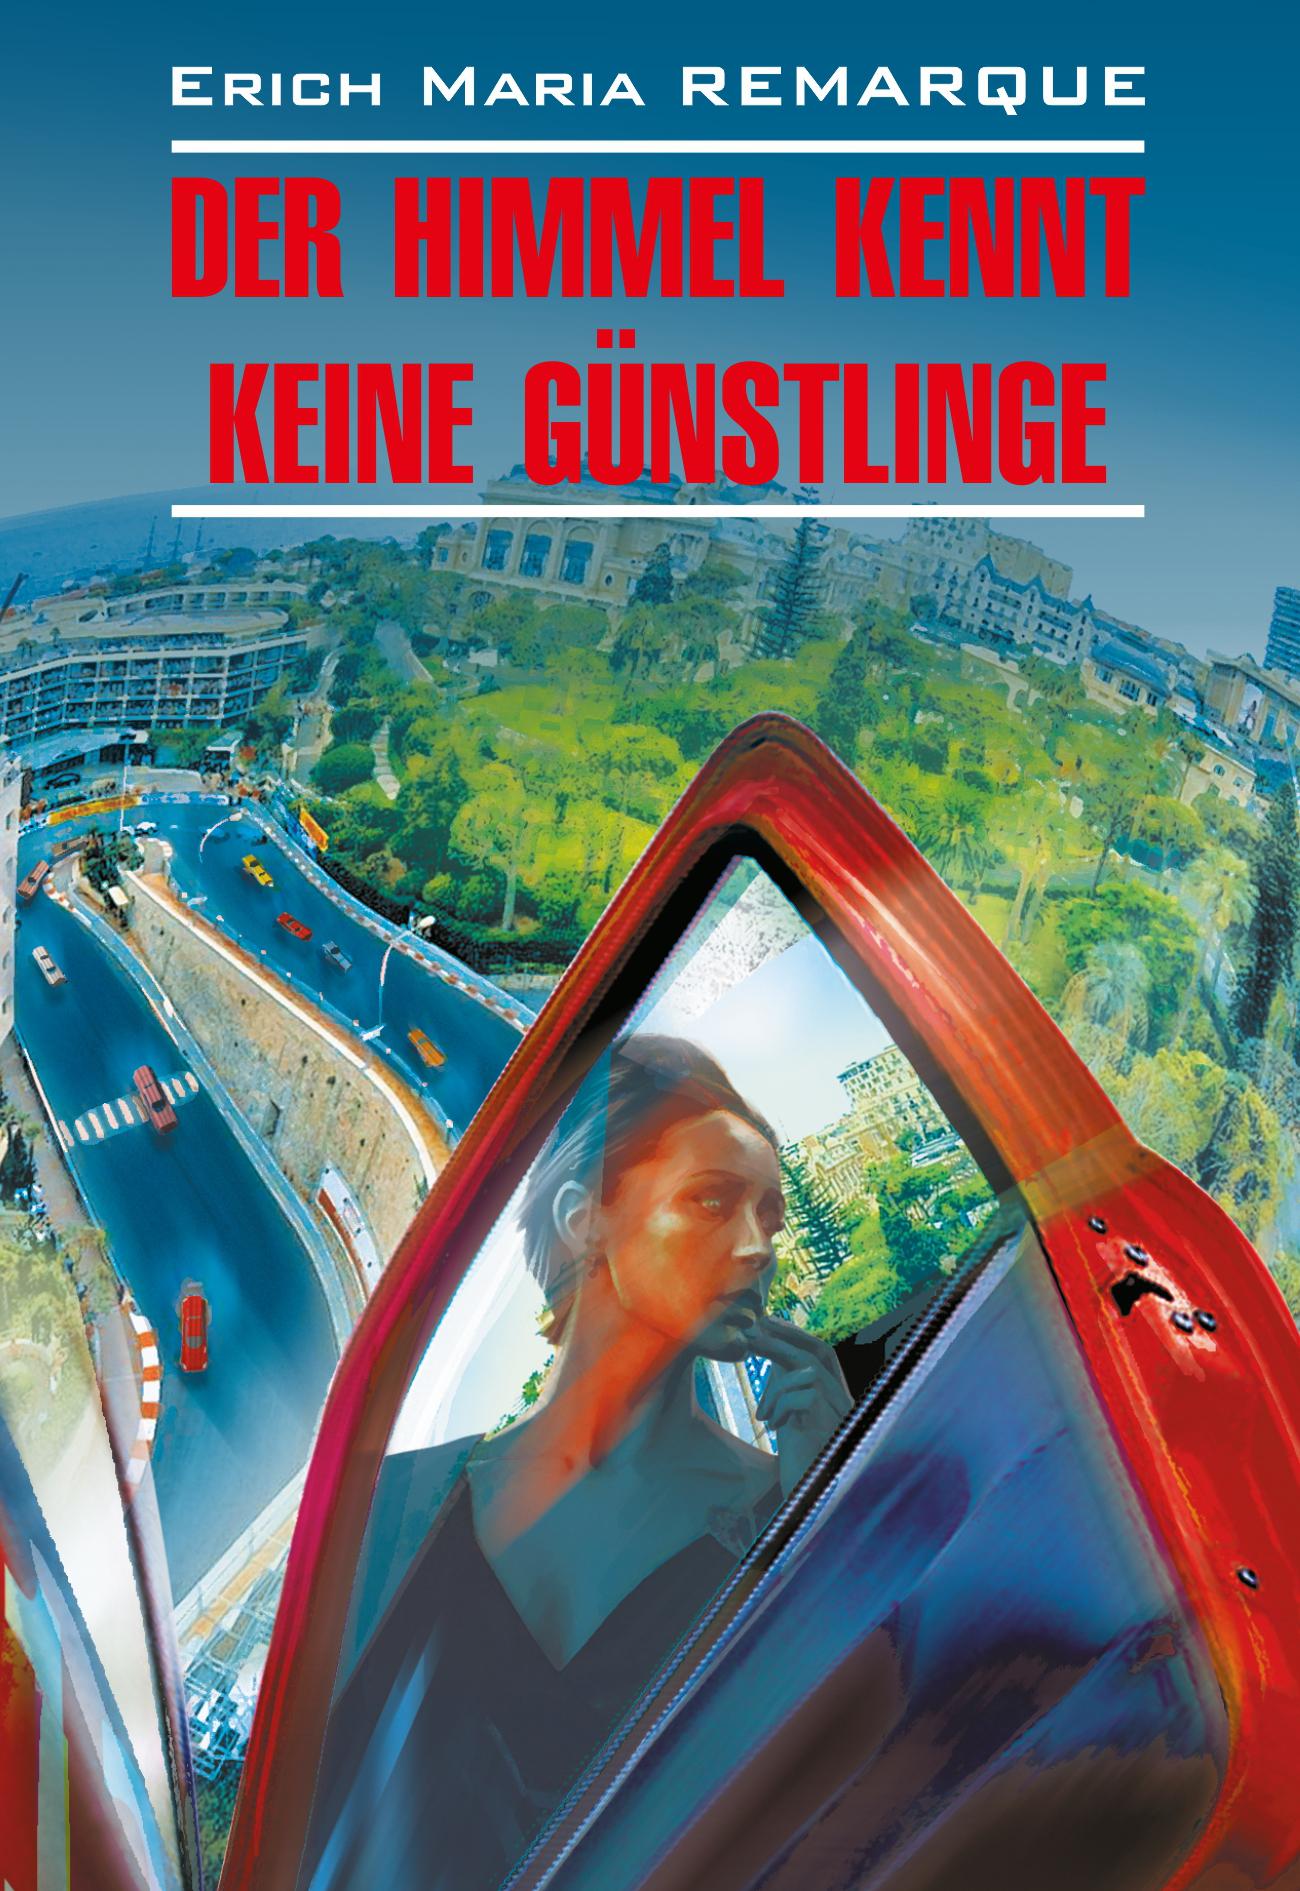 цена на Эрих Мария Ремарк Der Himmel kennt keine Günstlinge / Небеса не знают любимчиков (Жизнь взаймы). Книга для чтения на немецком языке